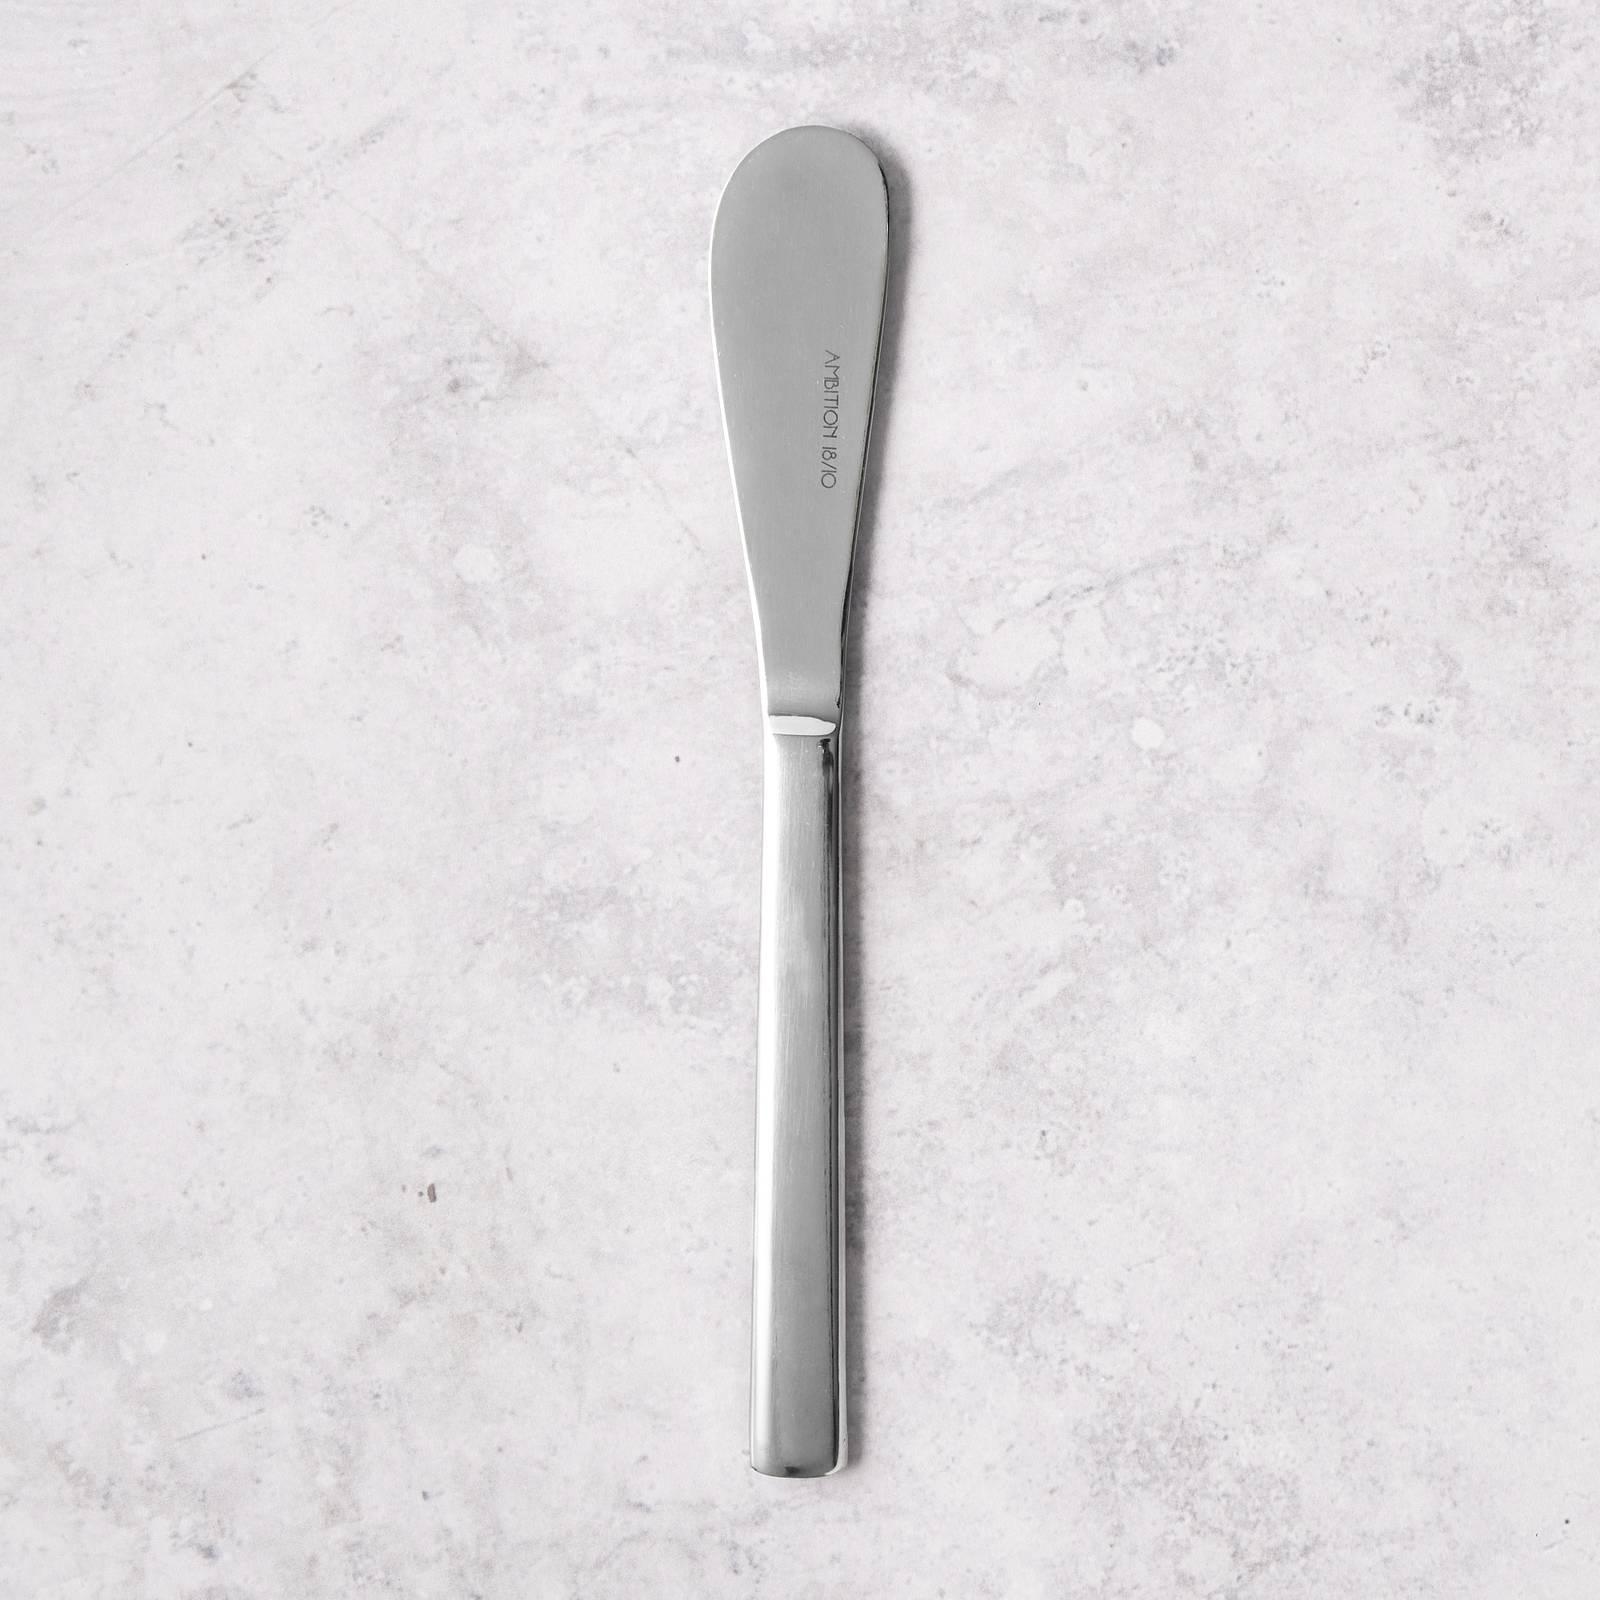 Smörkniv Prato 18,8 cm AMBITION